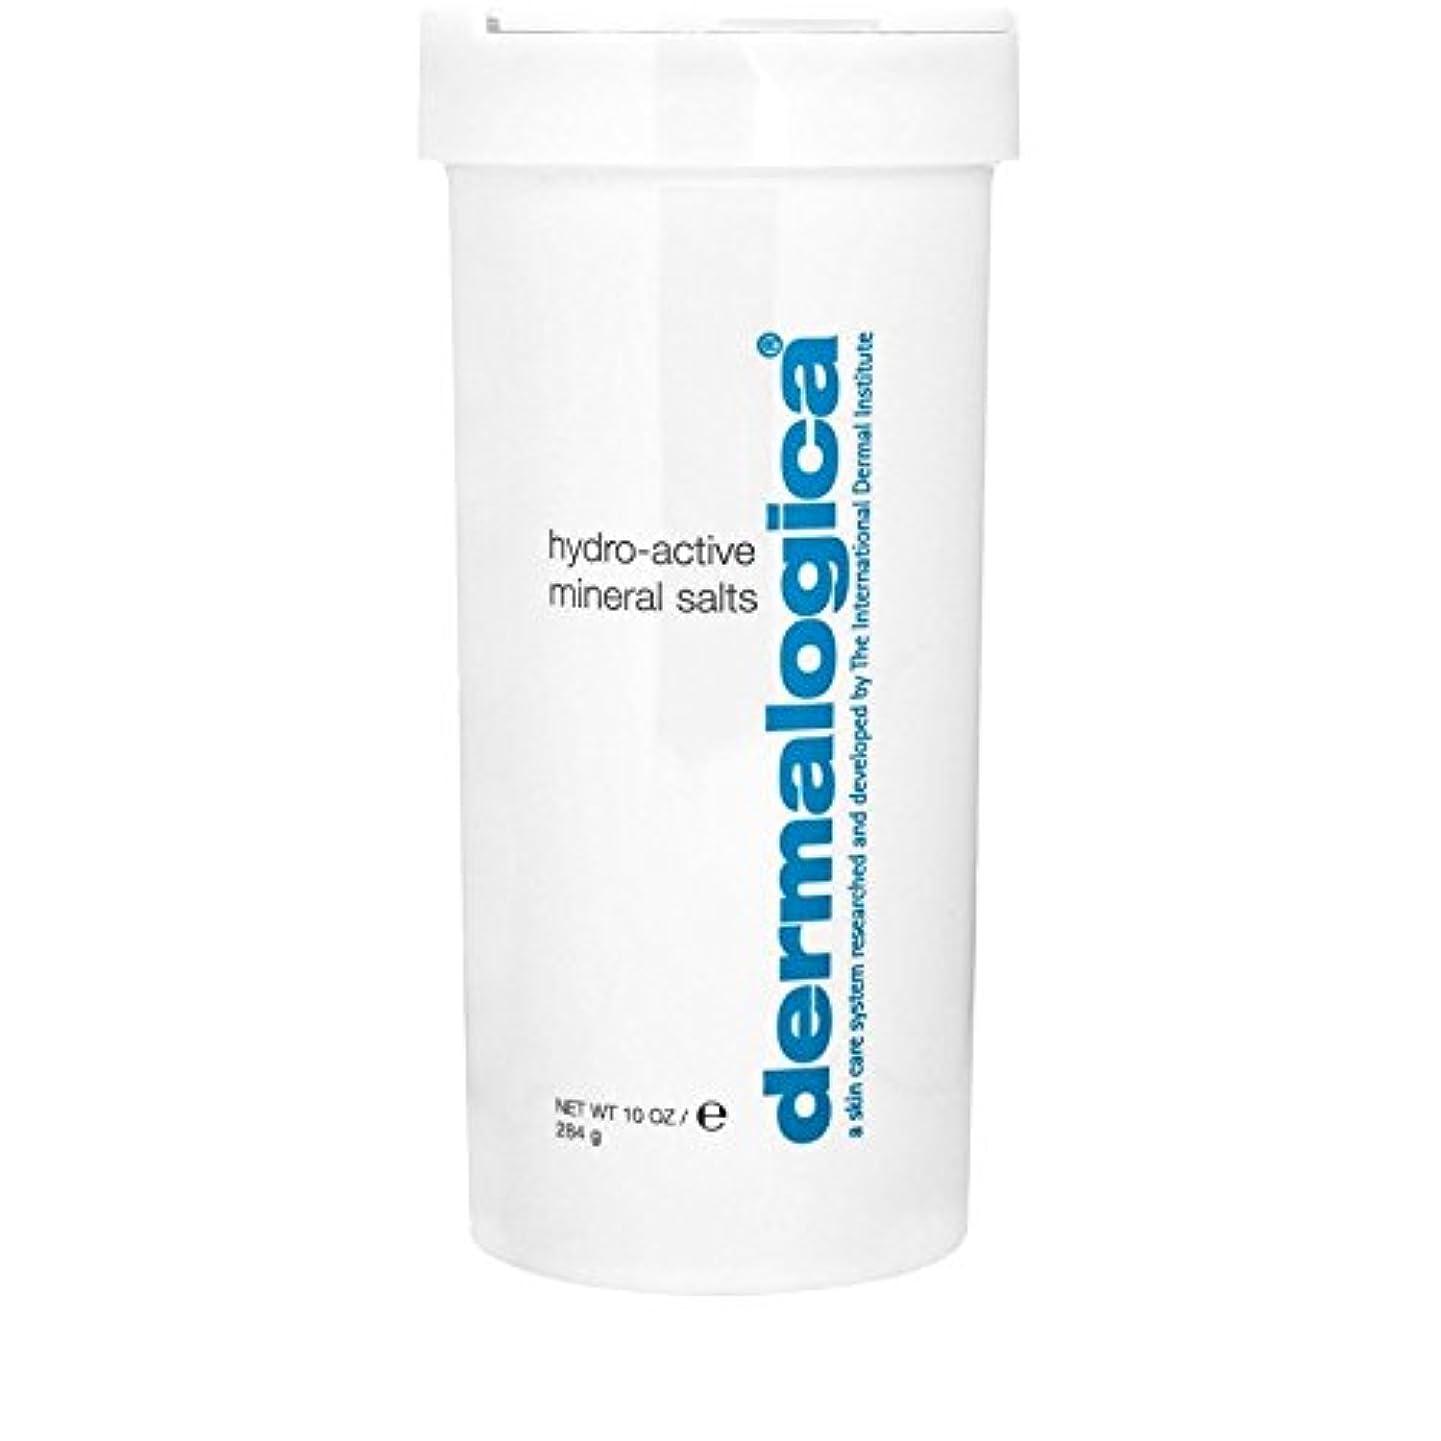 ダーマロジカ水力アクティブミネラル塩284グラム x2 - Dermalogica Hydro Active Mineral Salt 284g (Pack of 2) [並行輸入品]